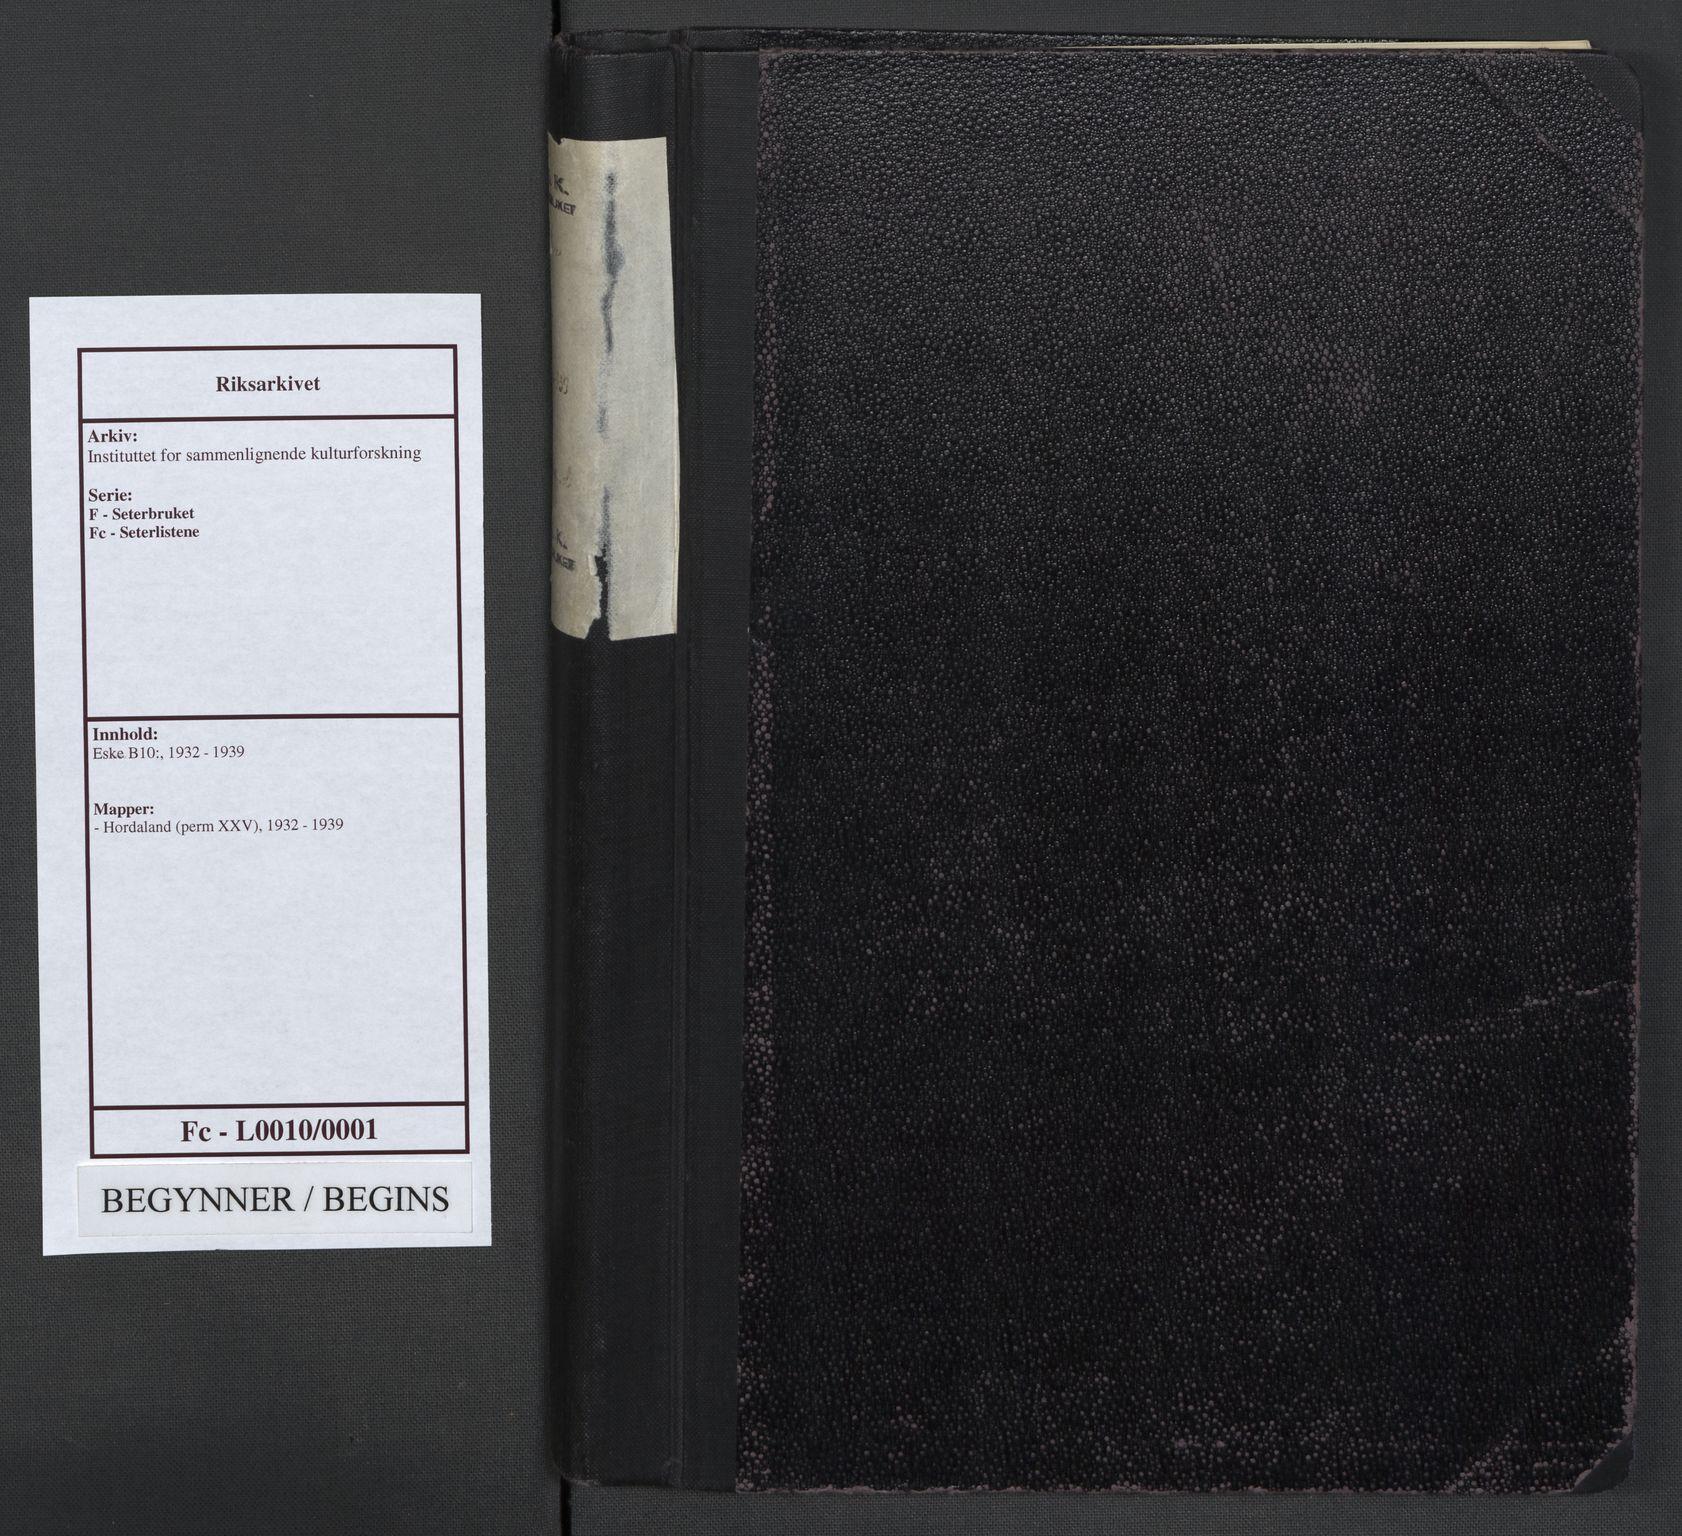 RA, Instituttet for sammenlignende kulturforskning, F/Fc/L0010: Eske B10:, 1932-1939, s. upaginert